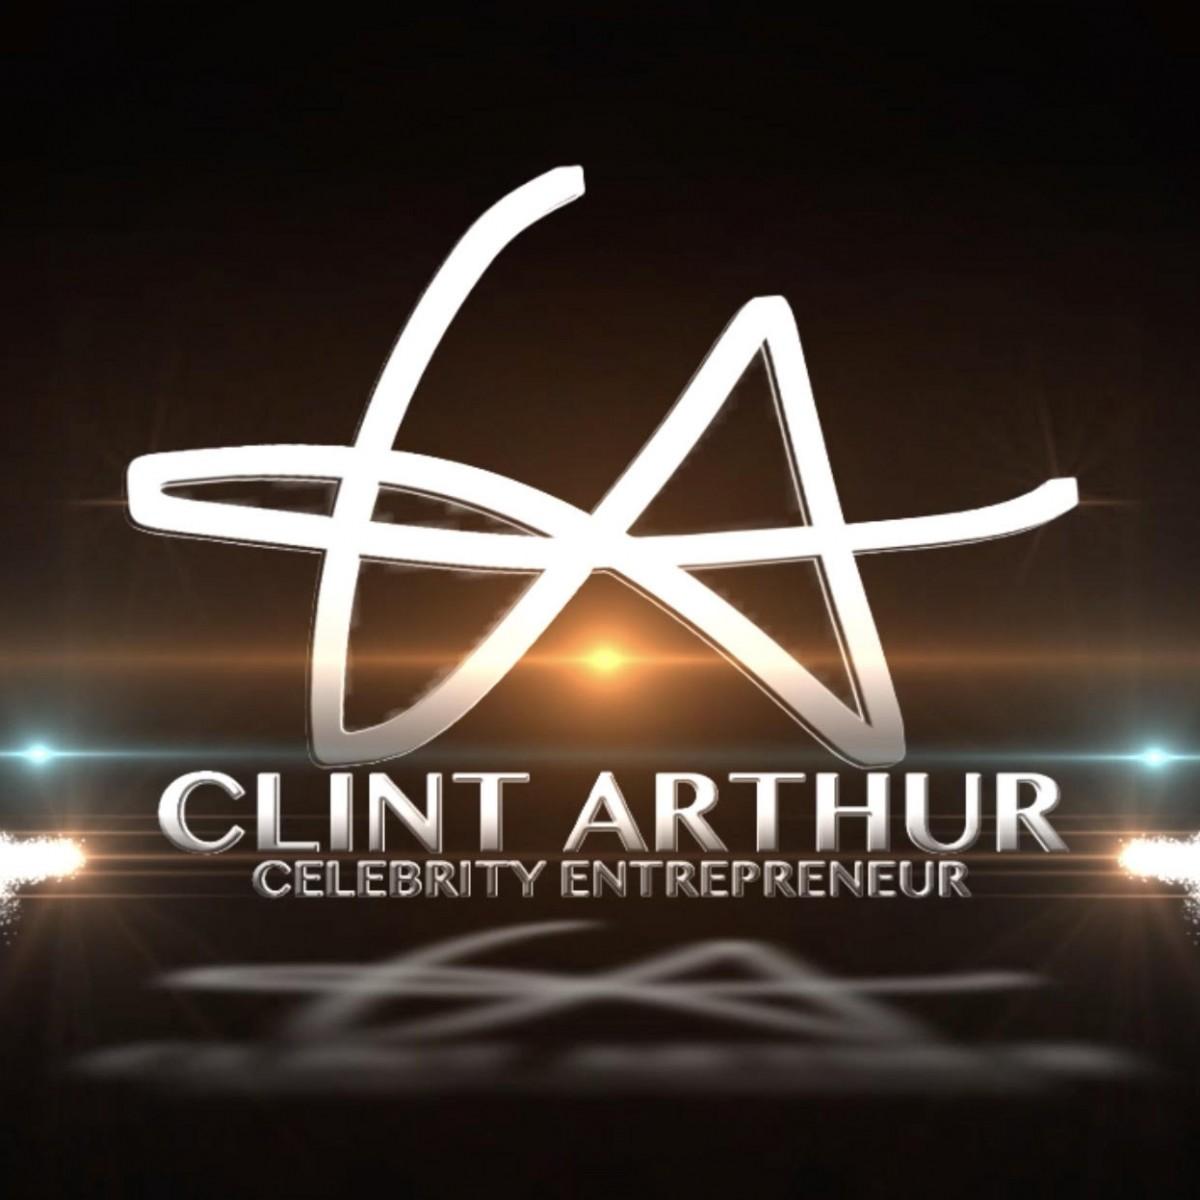 Clint Arthur